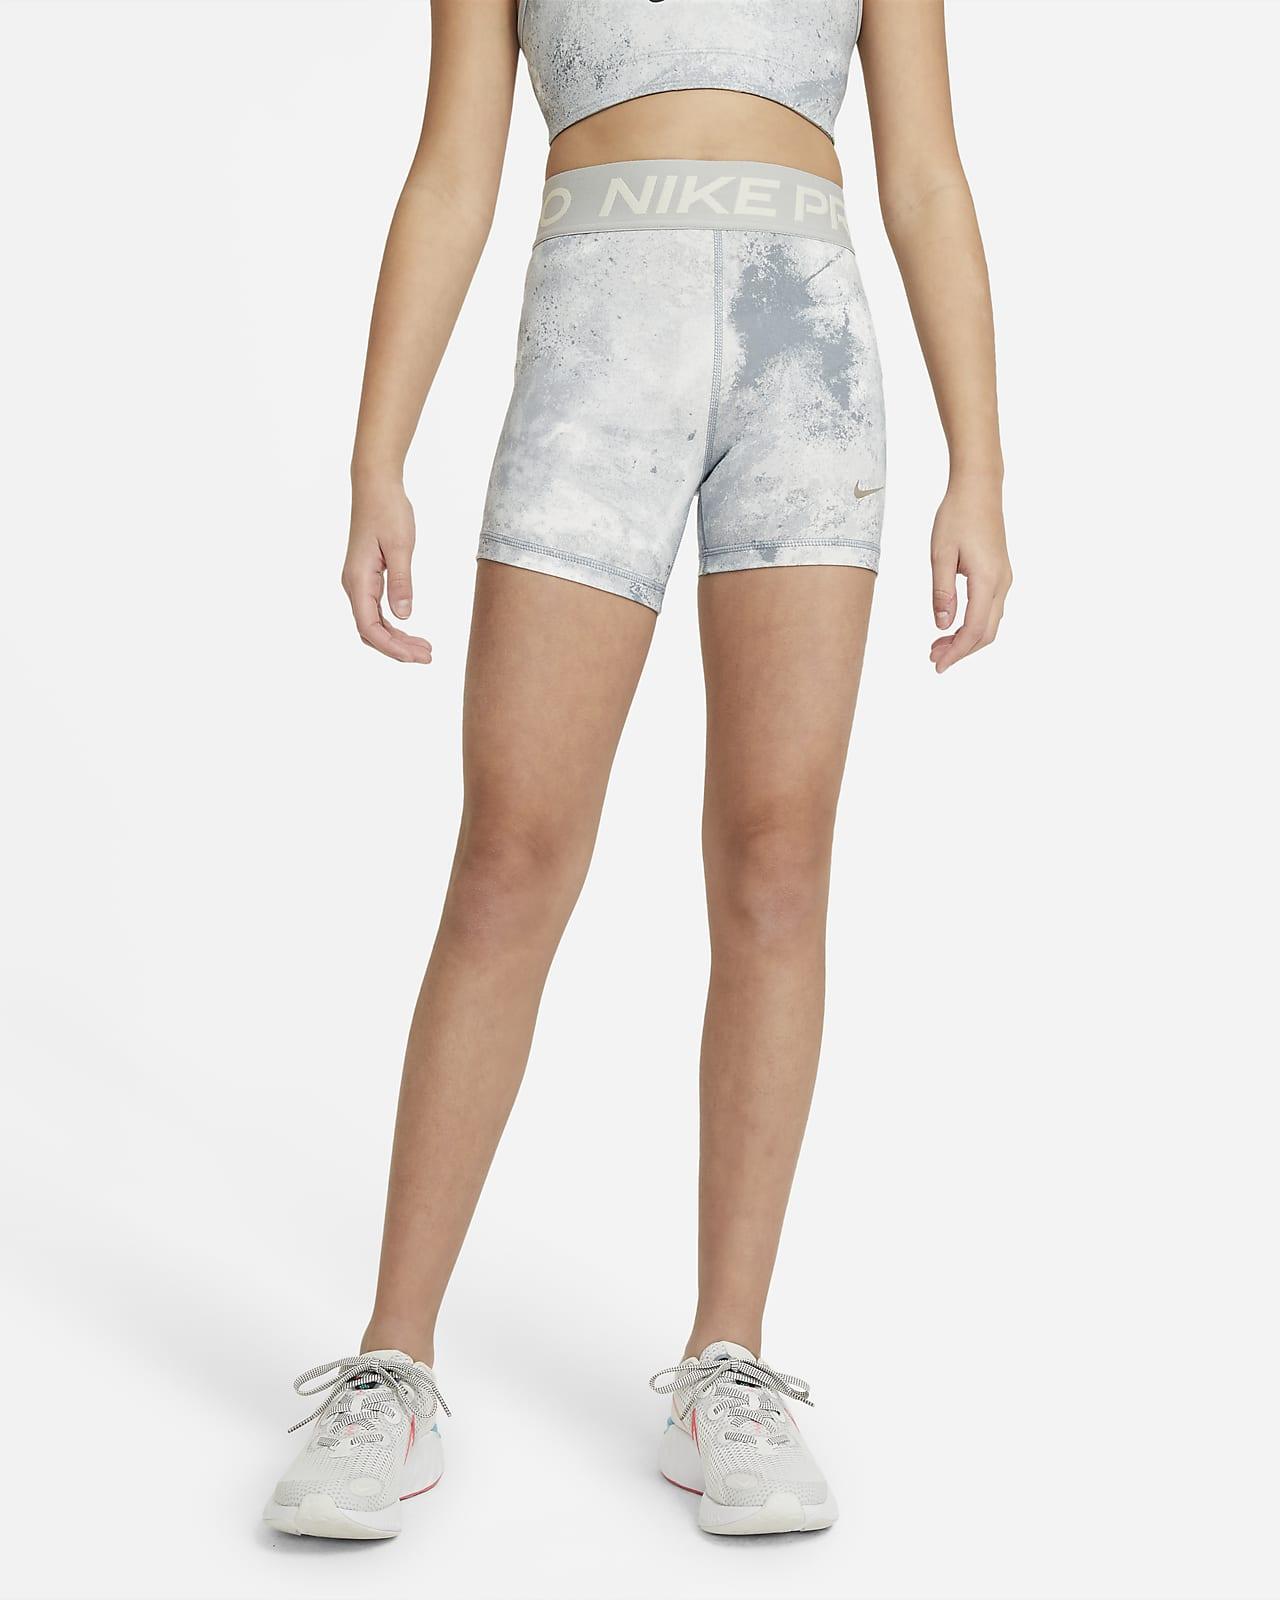 Шорты с принтом тай-дай для девочек школьного возраста Nike Pro 8 см